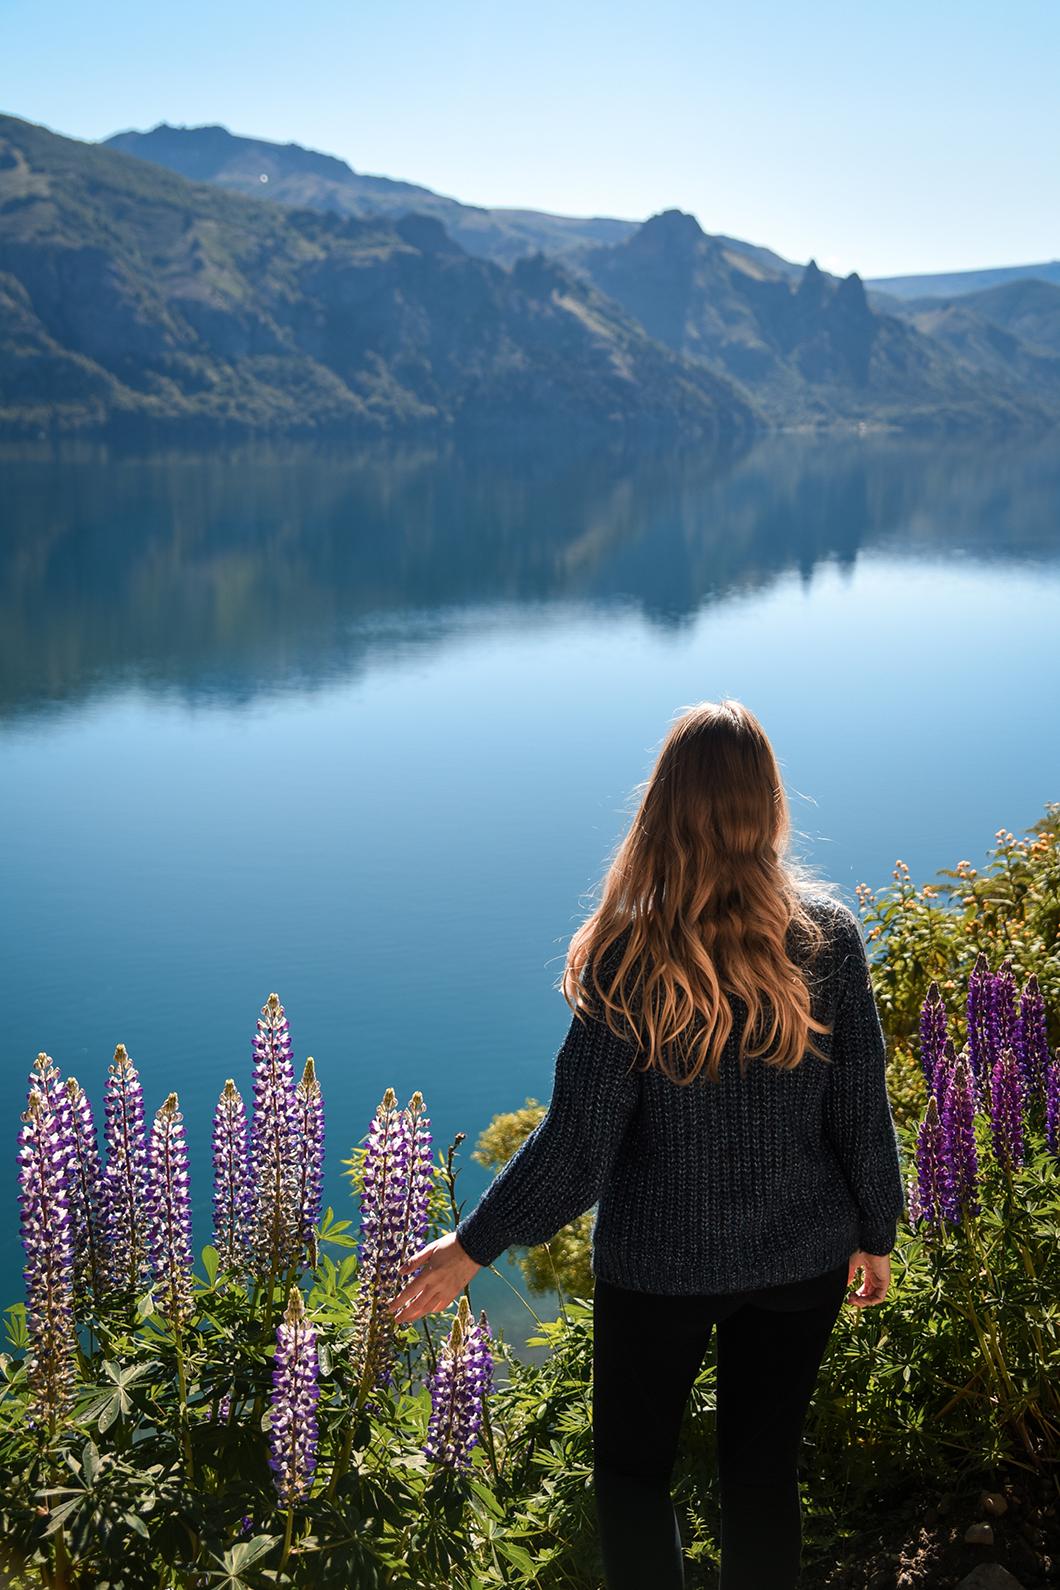 Les beaux points de vue sur les lacs de Bariloche